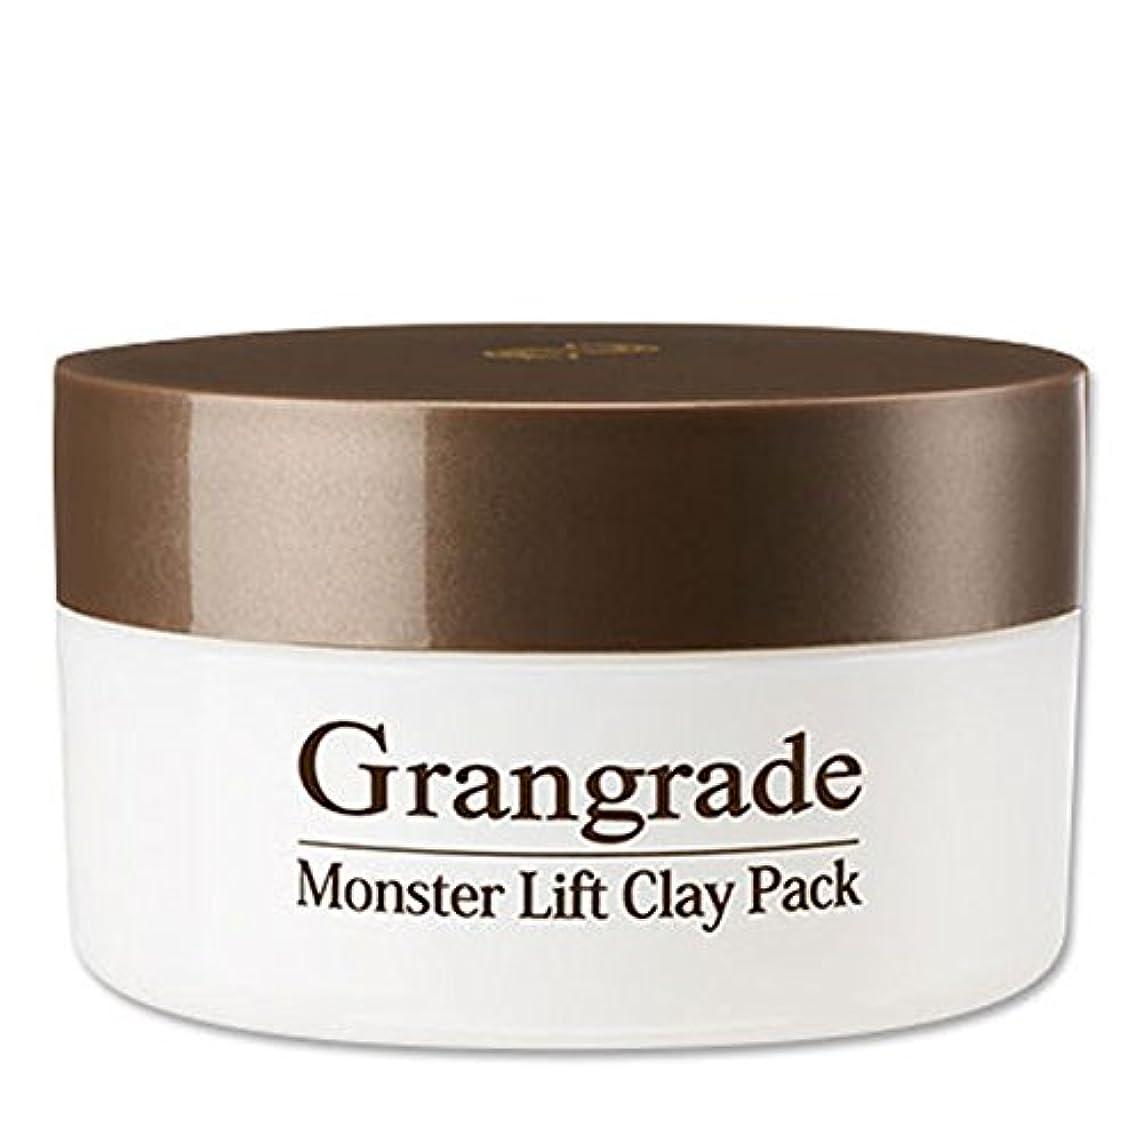 綺麗な交渉する静脈Grangrade グラングレイ モンスターリフトクレイパック